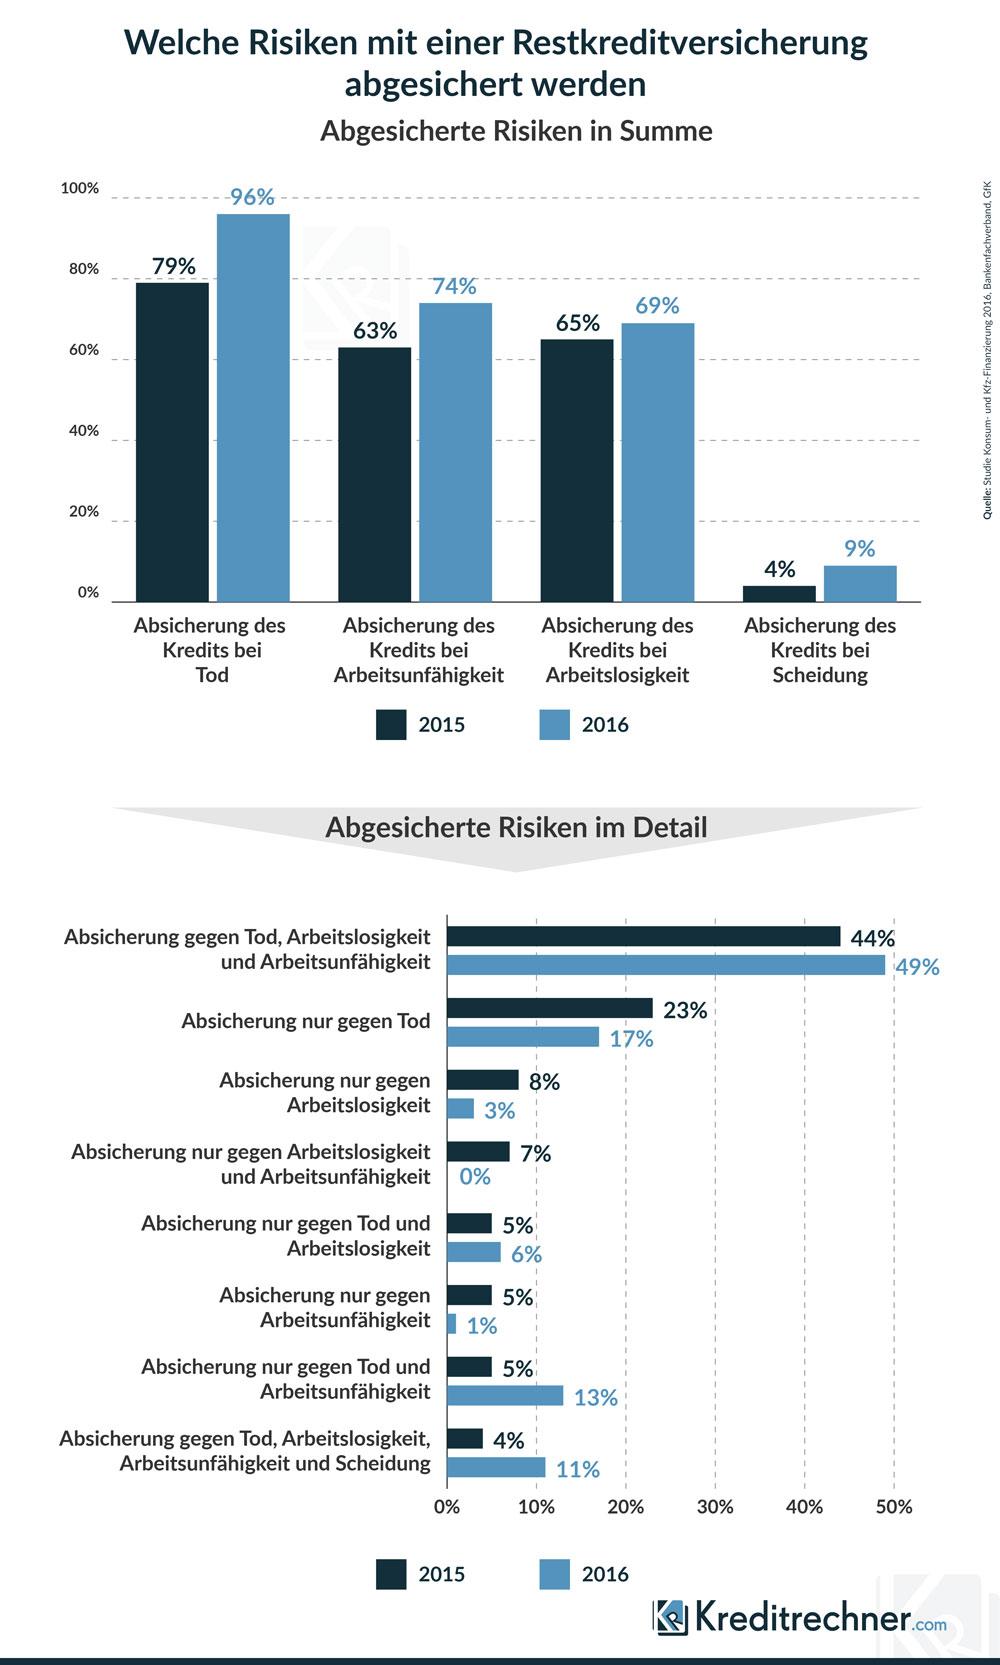 Ergebnisse der Studie der GfK zu Restkreditversicherungen